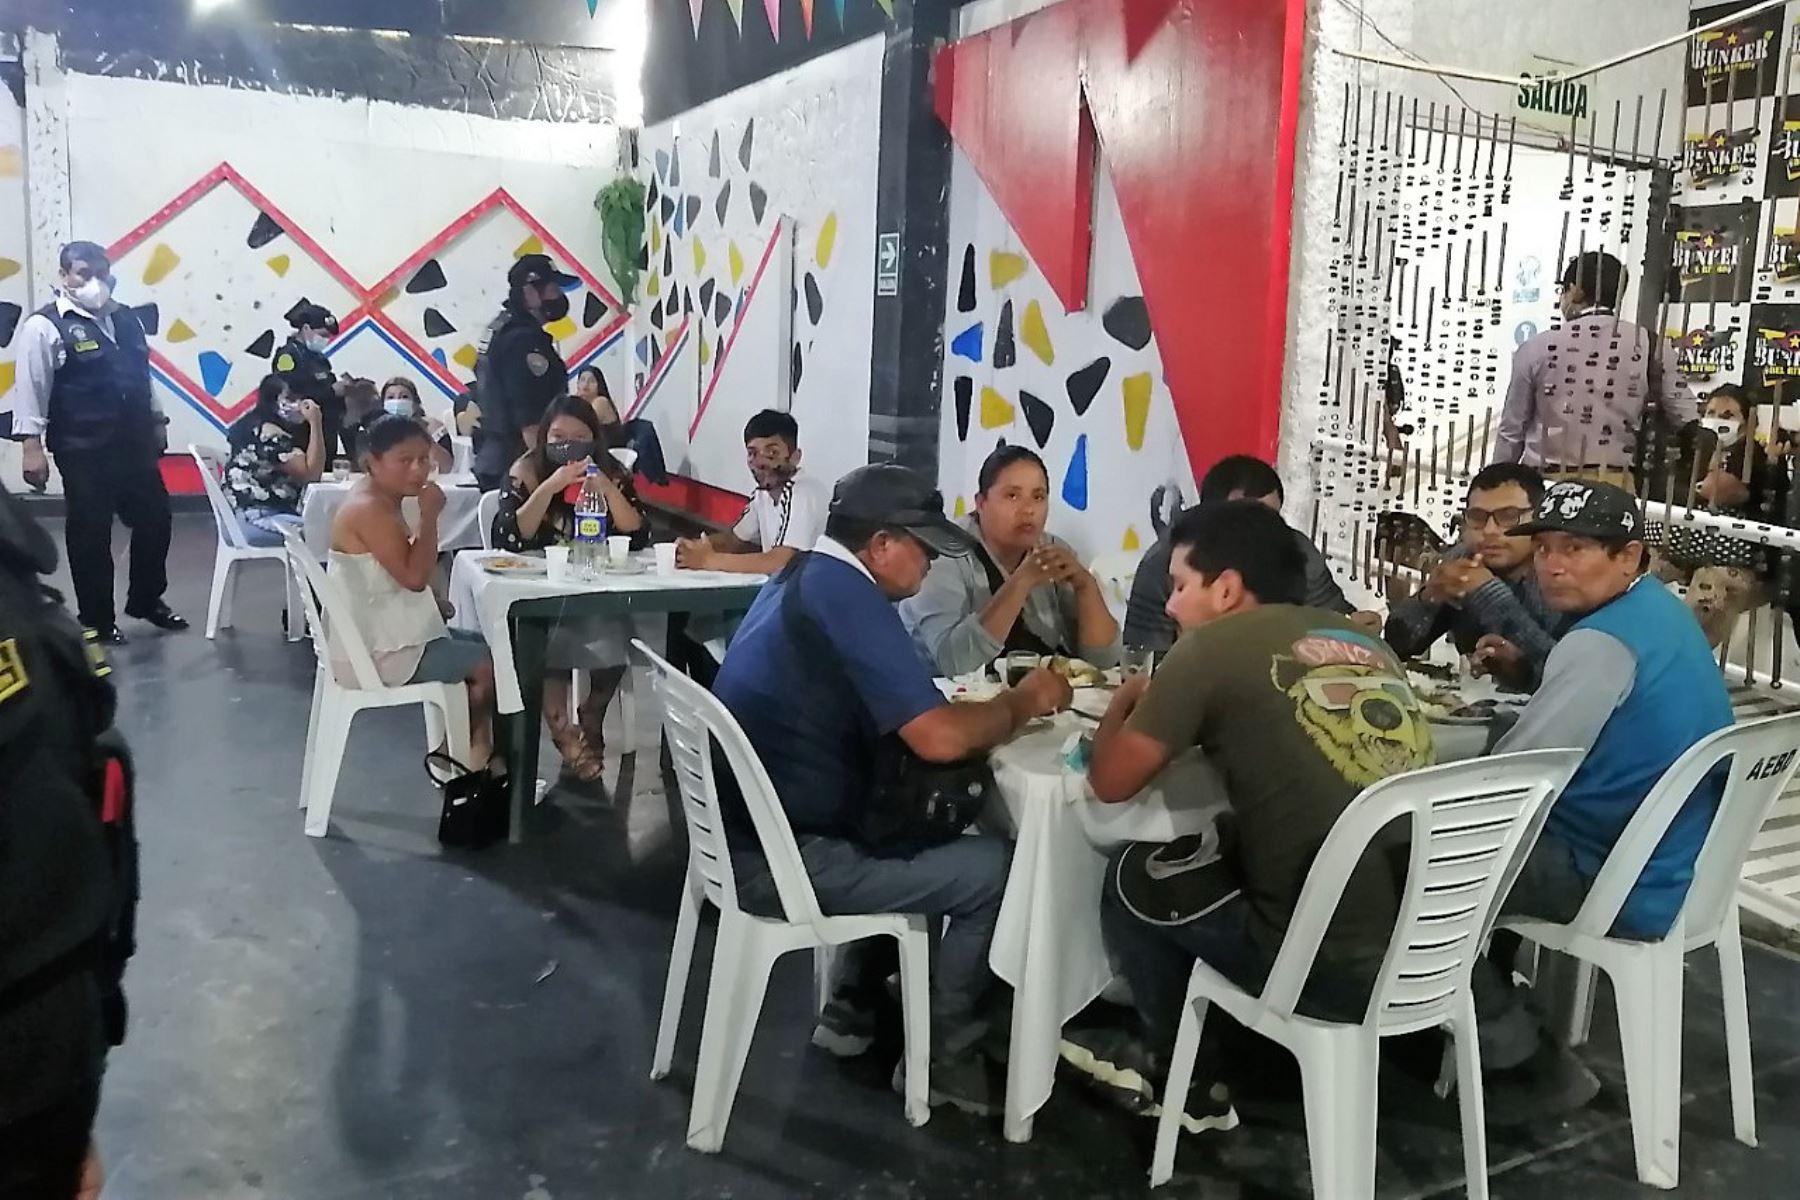 Advierten que los jóvenes son los principales infractores de las normas sanitarias por la pandemia del covid-19 en La Libertad. Foto: ANDINA/Difusión